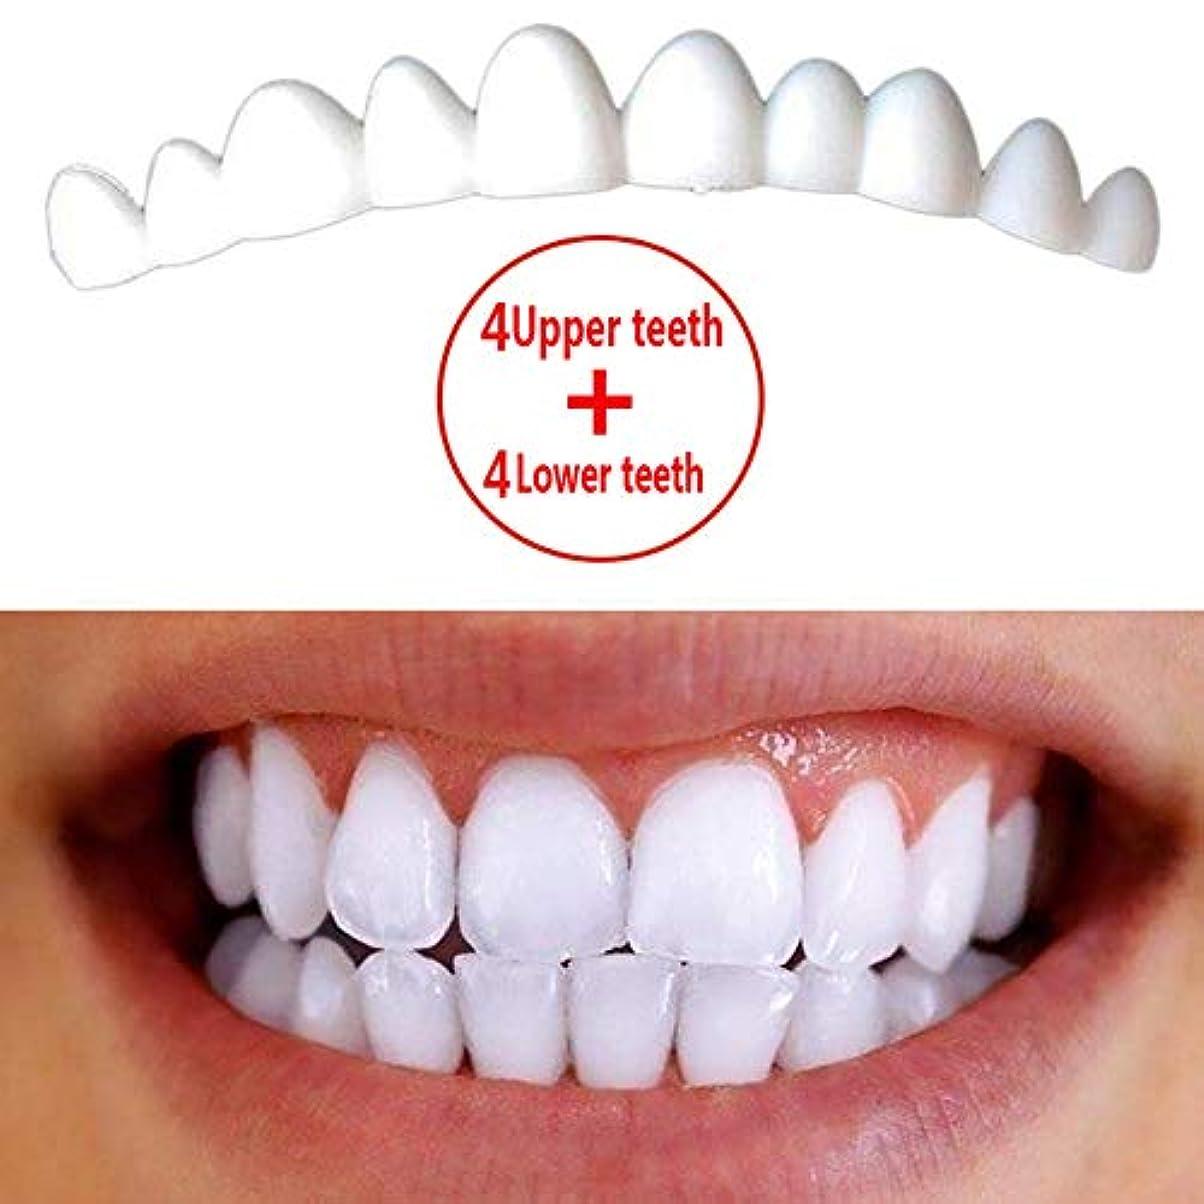 帝国保全電気の上歯4本+下歯4本、パーフェクトスマイルコンフォートフィット新しいスナップオンフレックスフィットが最も快適な入れ歯